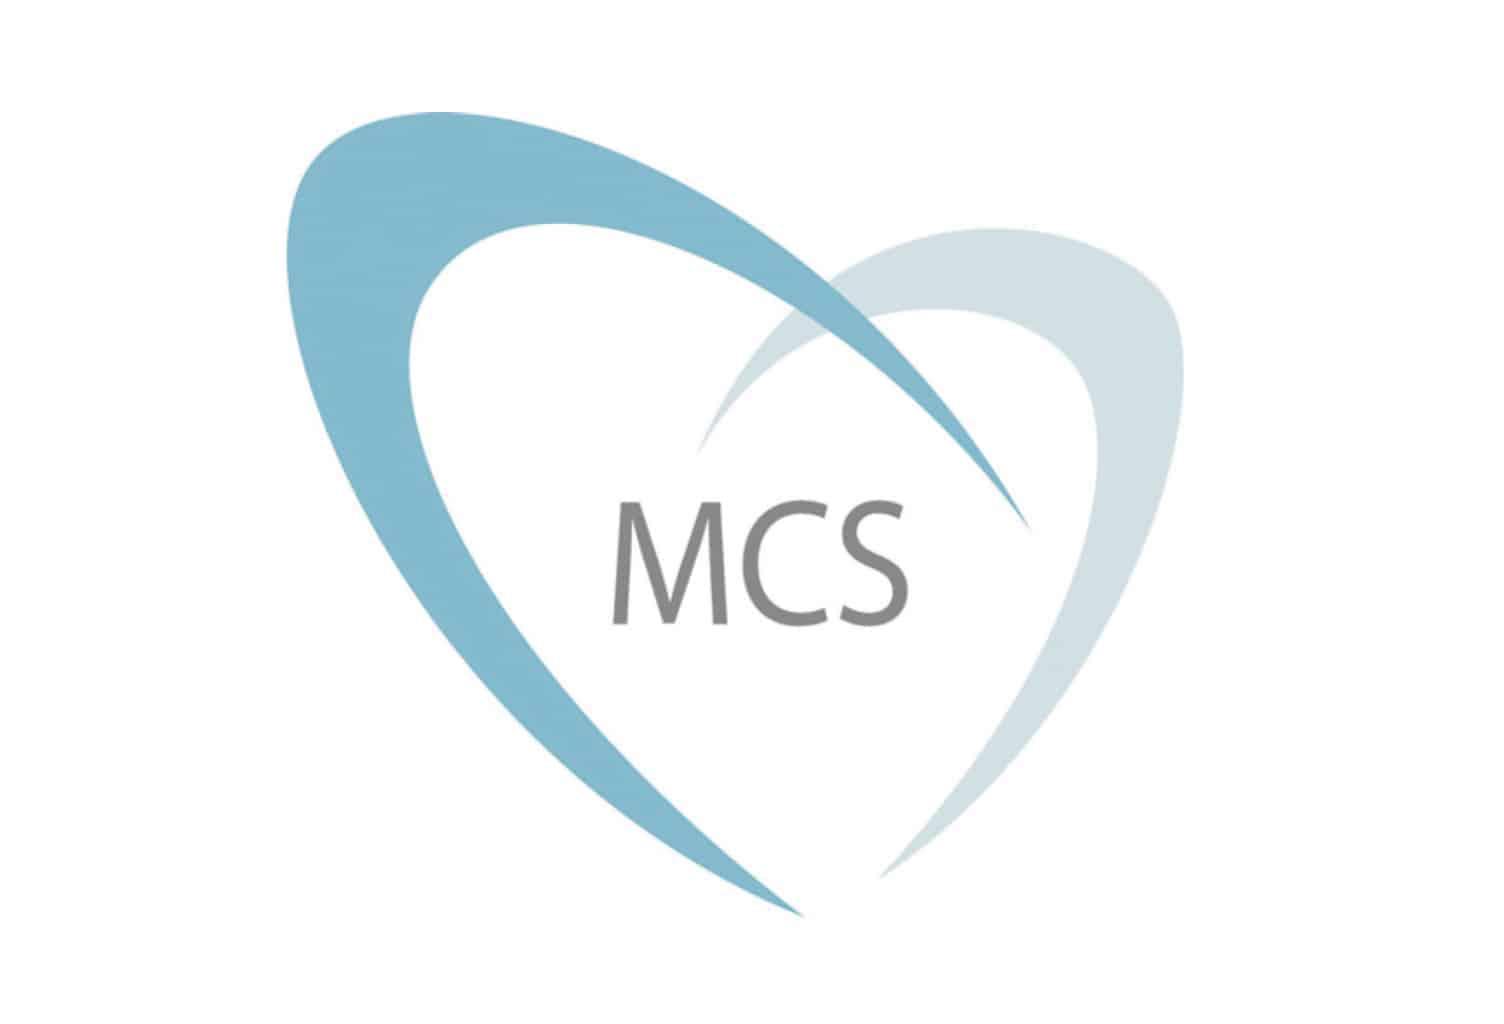 MCS button